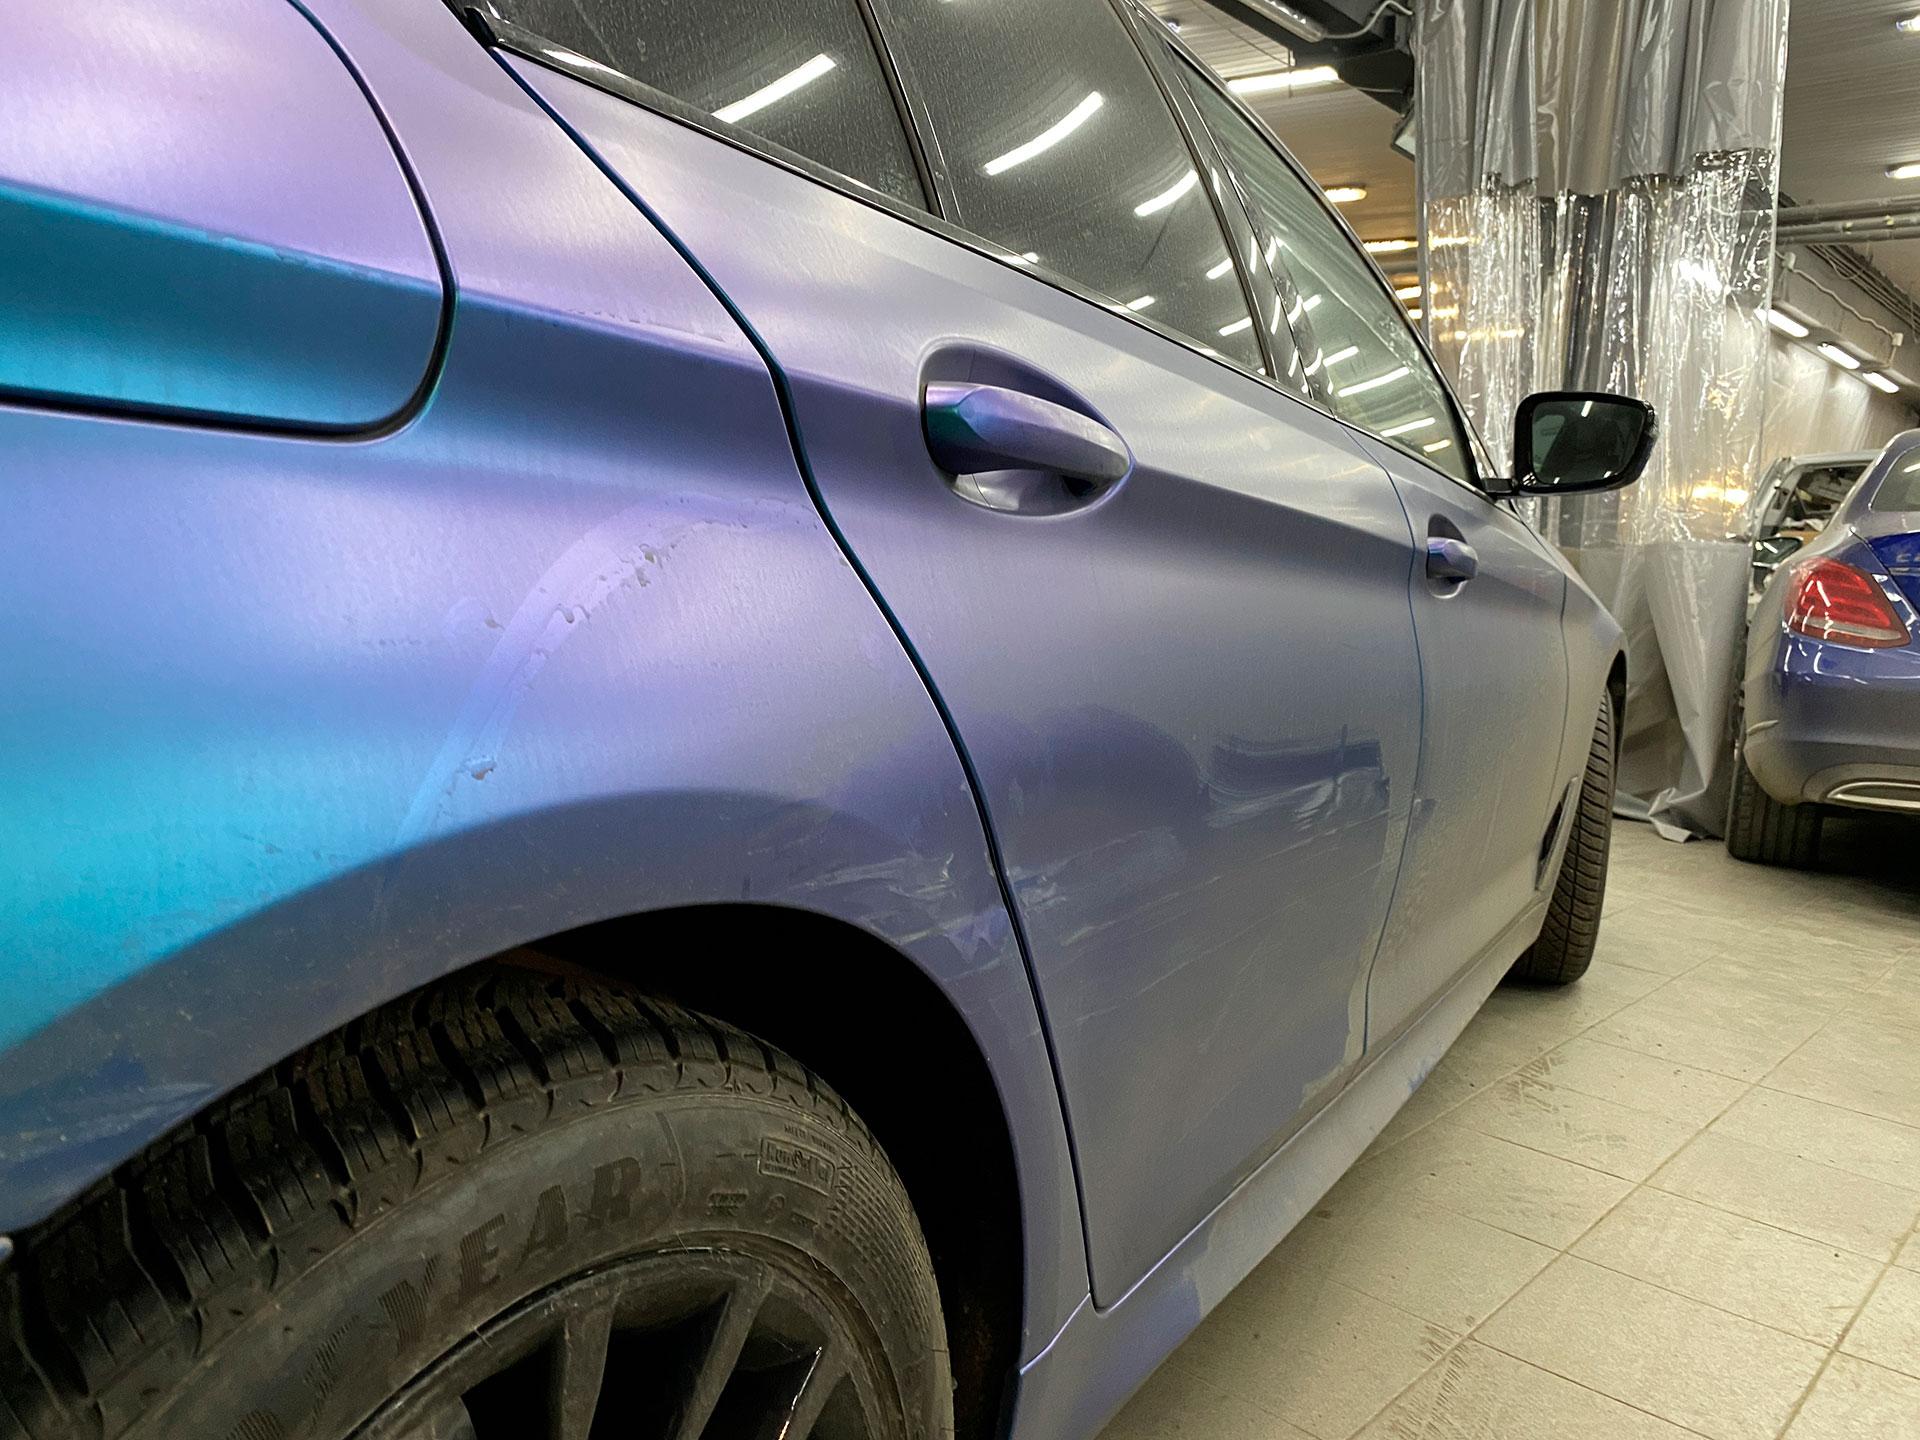 BMW g30 попала в ДТП, ремонт и окрас двери и крыла со снятием пленки